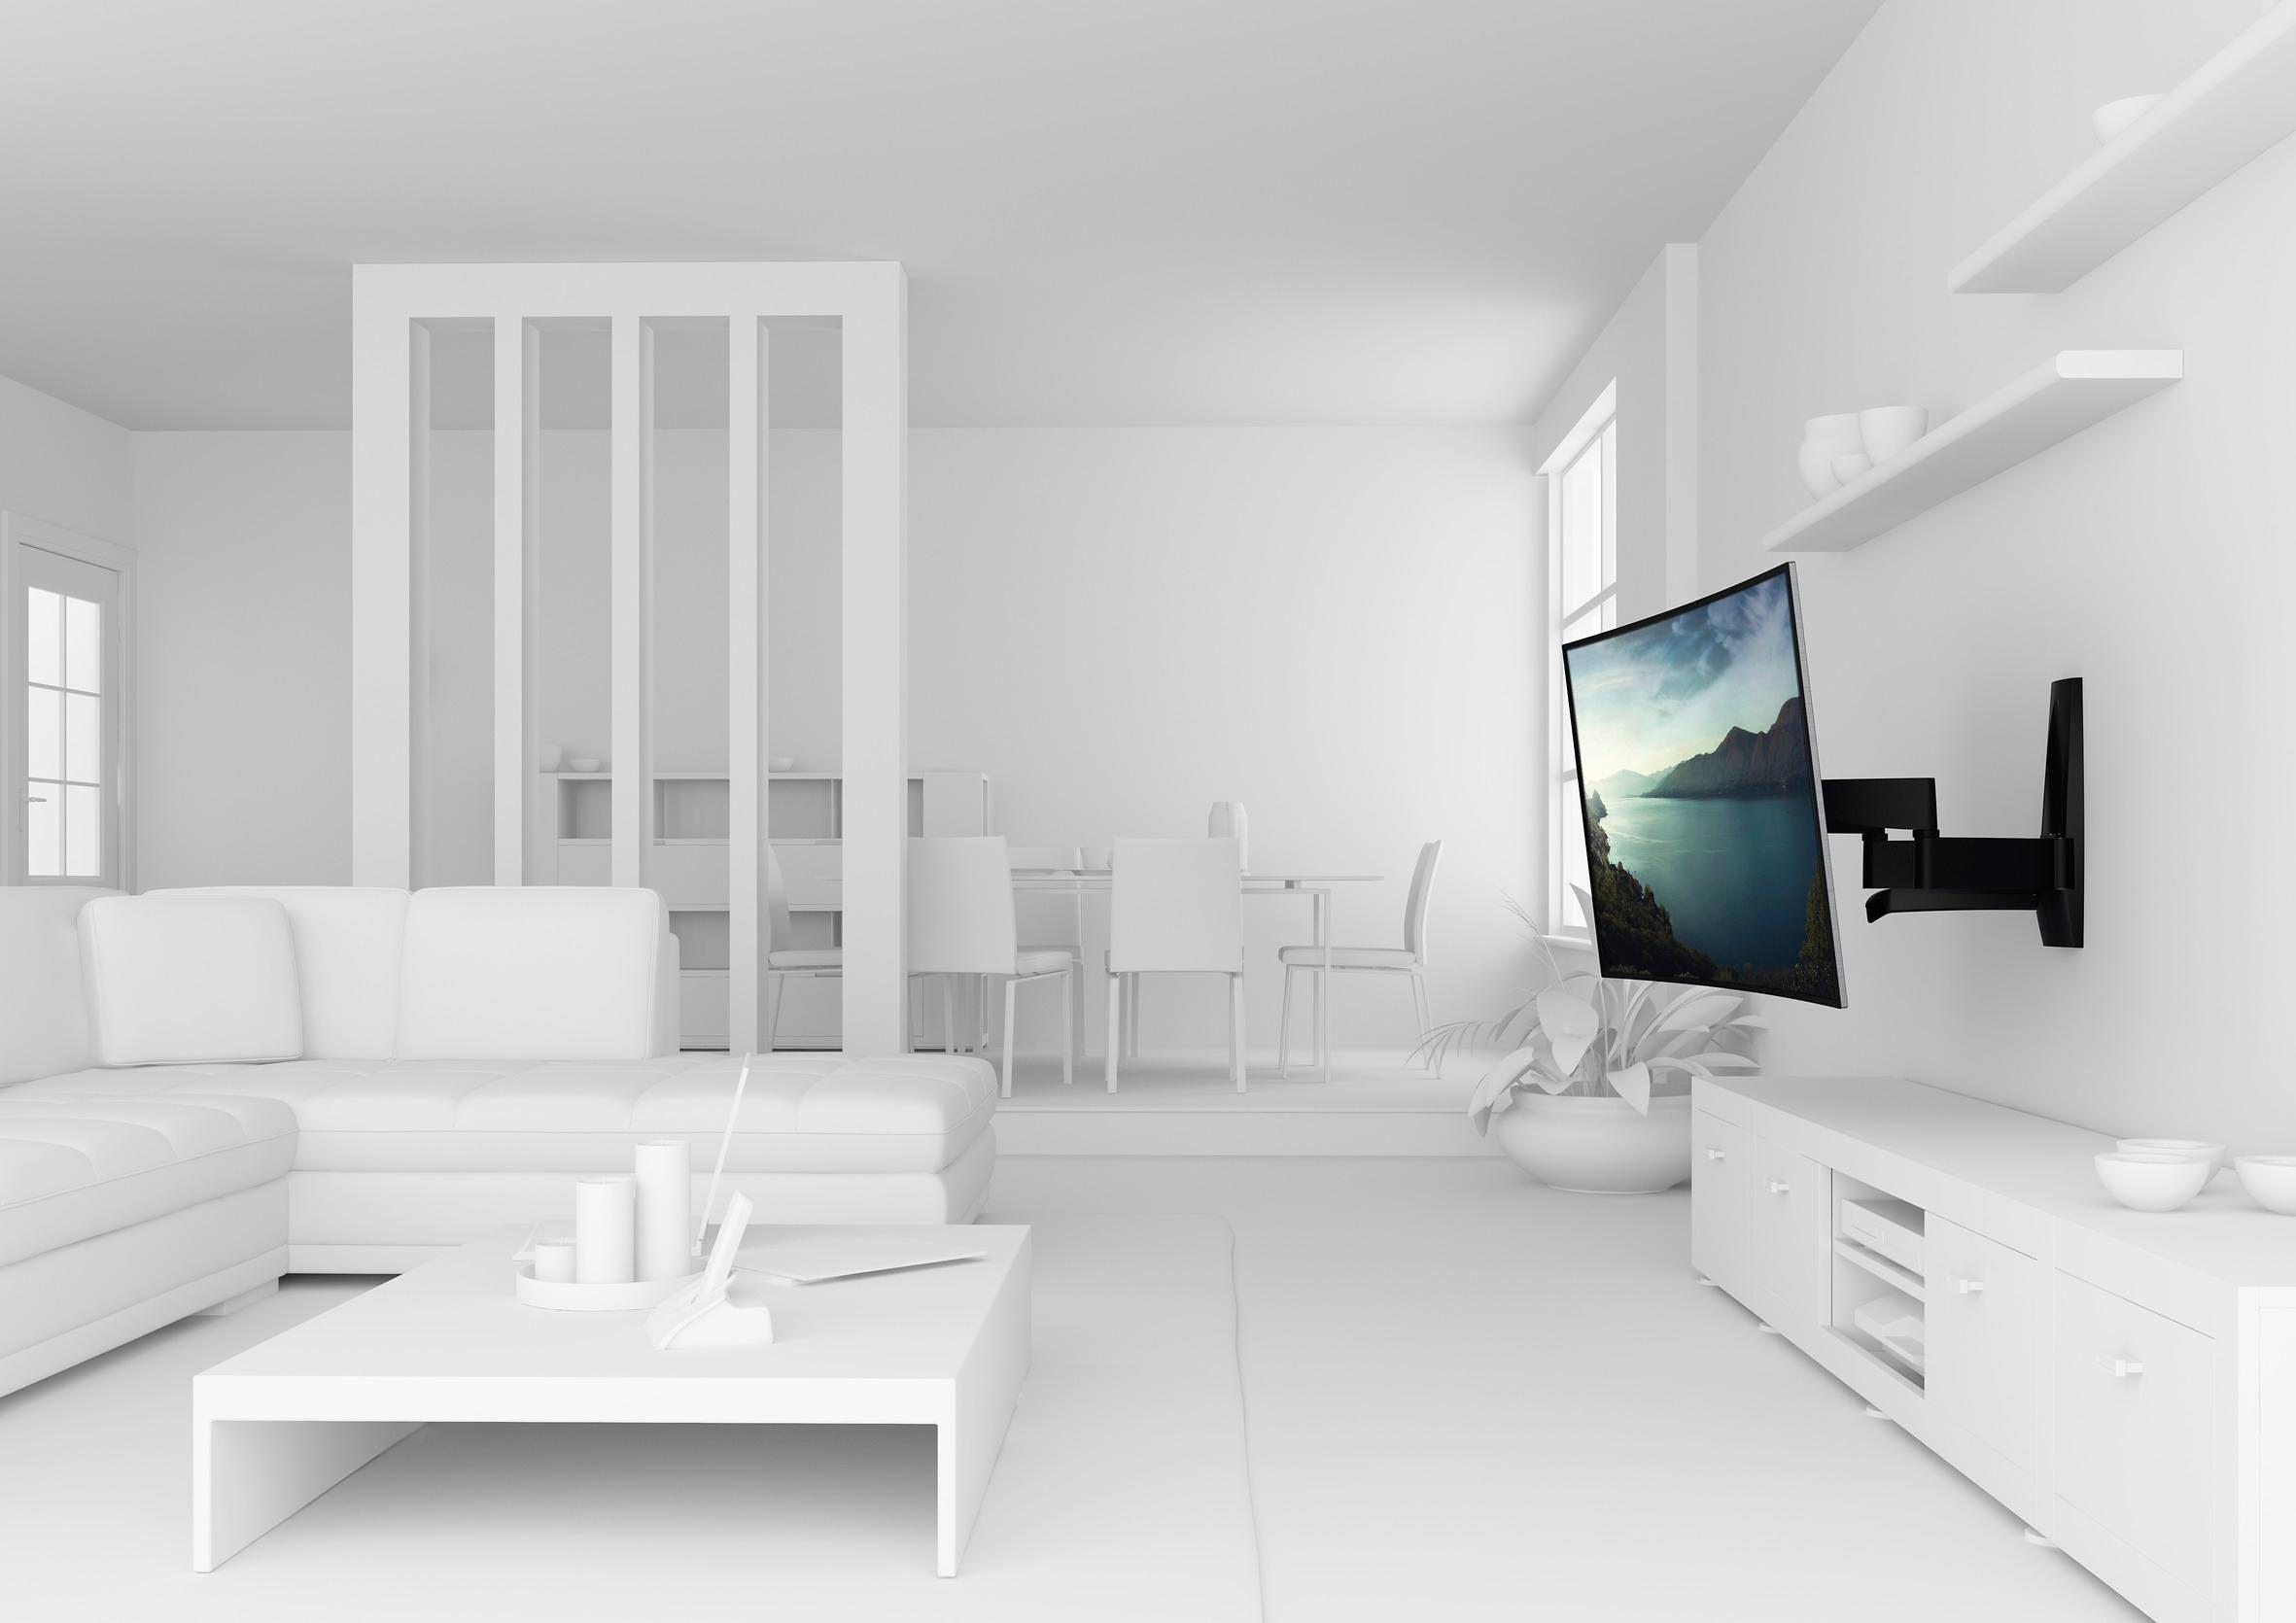 vogel's® TV-Wandhalterung »WALL 2350« schwenkbar, für 102-165 cm (40-65 Zoll) TV, VESA 600x400